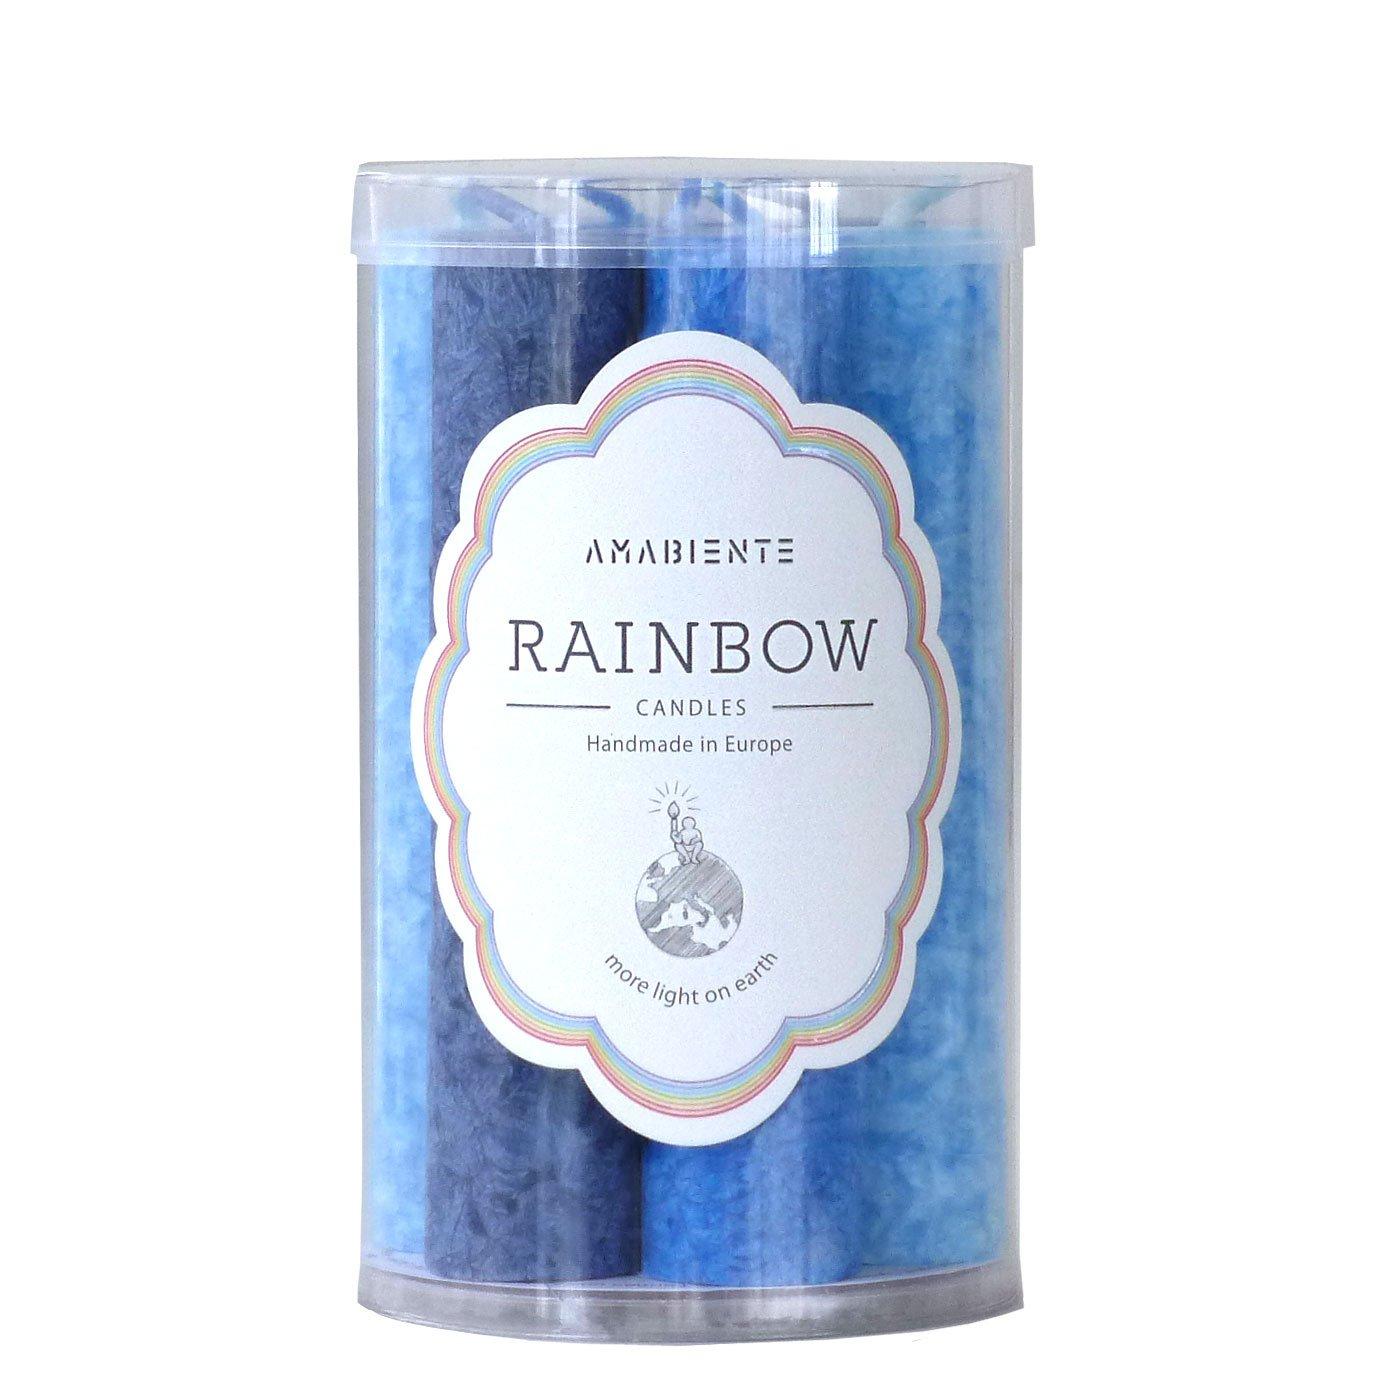 6-Einheiten Pflanzenwachs blau 9 x 9 x 15.5 cm Farbabstufung Vioelttt/öne 7 STK Durchmesse 3.0 x L/änge 14 cm AMABIENTE Designcandles Rainbow-Kerzen L14